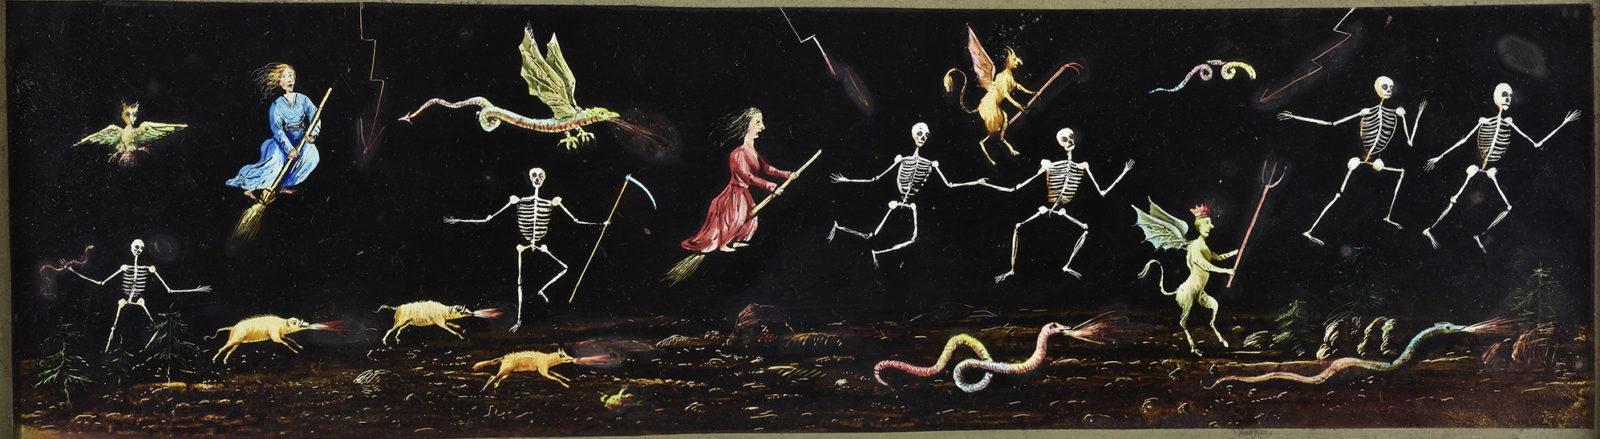 Squelettes, sorcières et monstres ailés- fantasmagorie